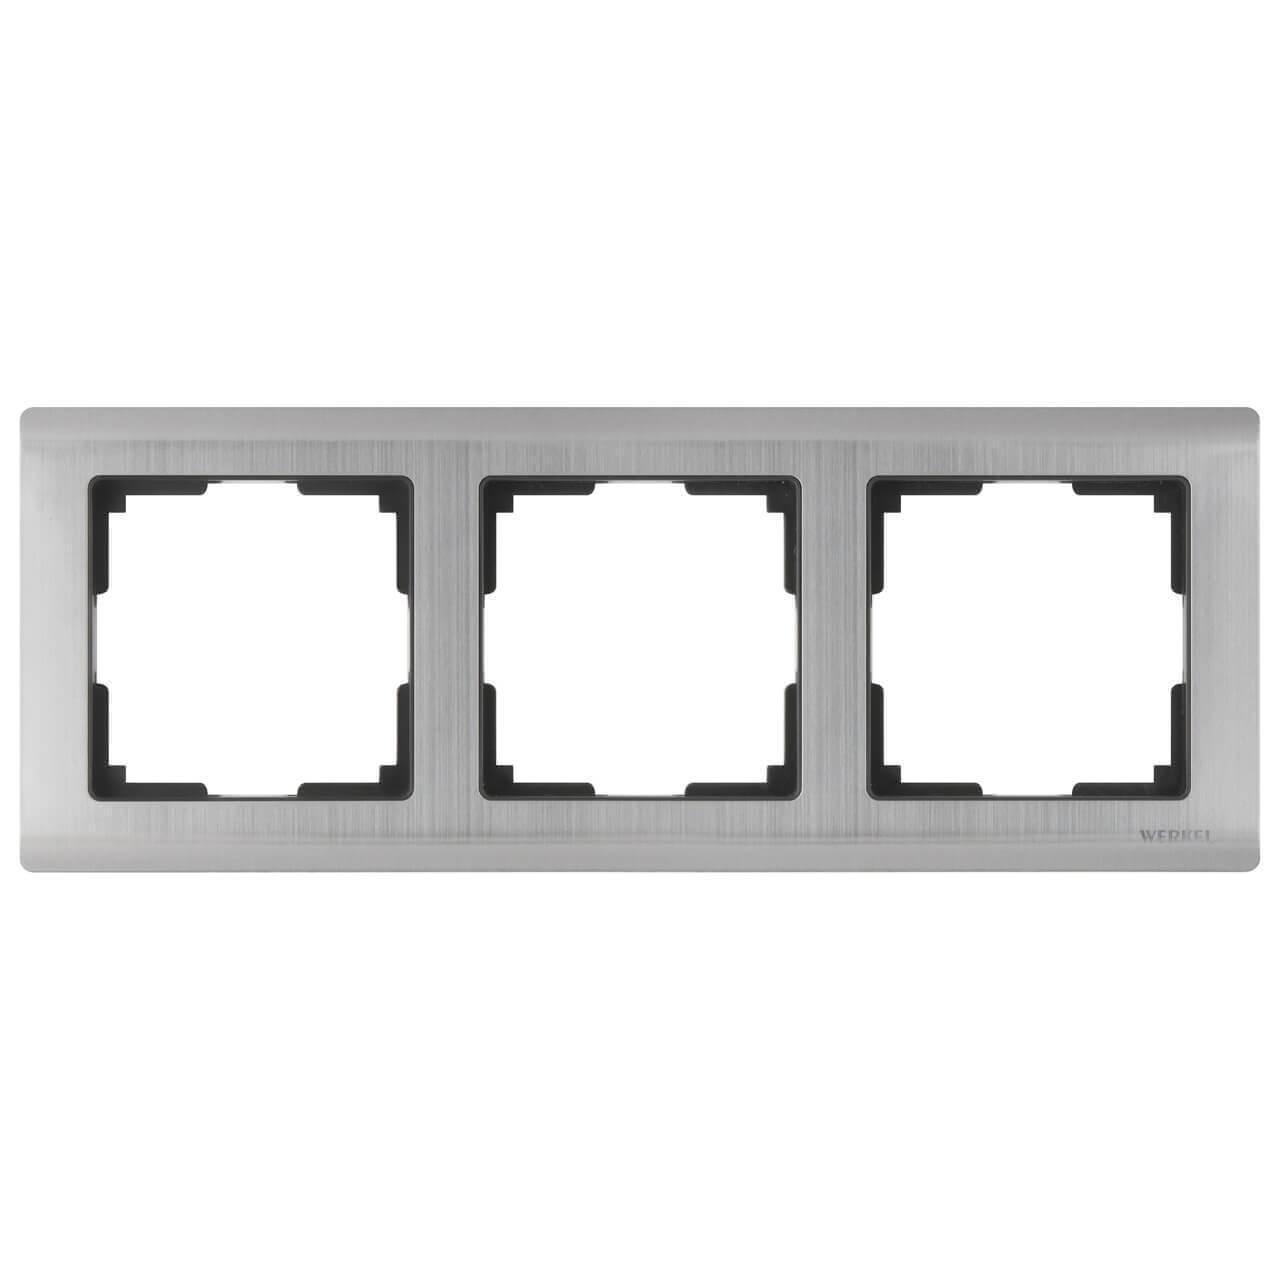 Рамка Werkel Metallic на 3 поста глянцевый никель WL02-Frame-03 4690389045929